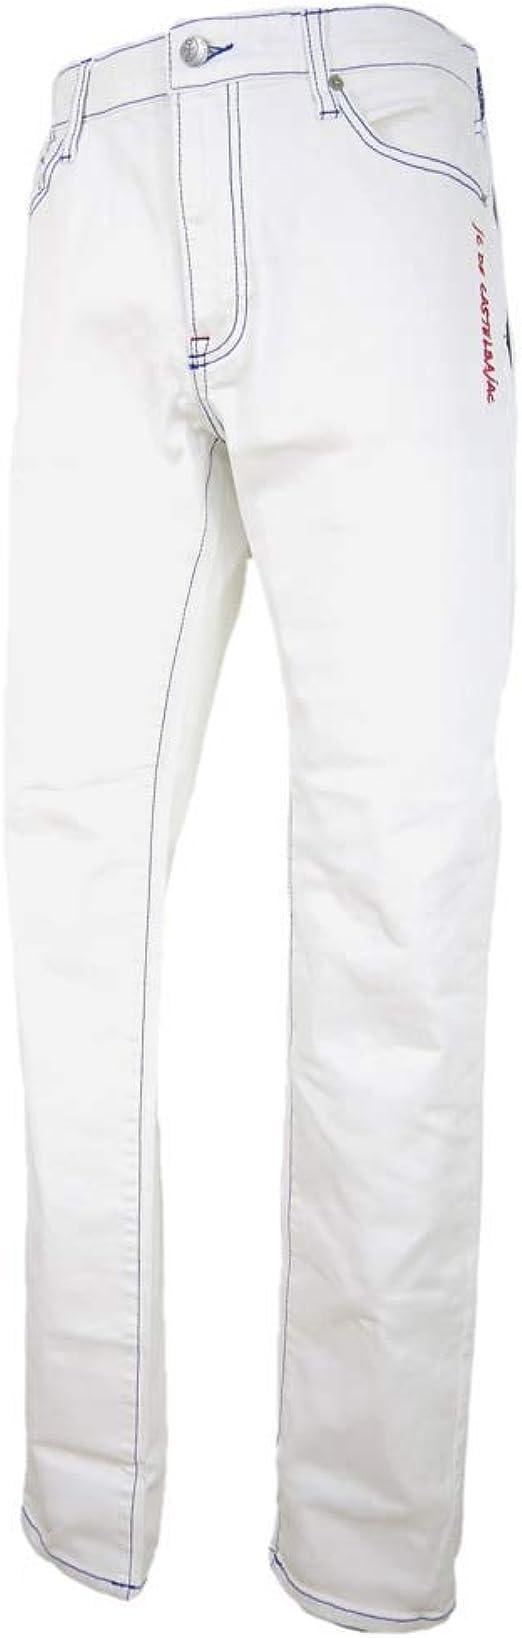 [カステルバジャック] ジーンズ 家紋ポケット パンツ メンズ 21450ー120